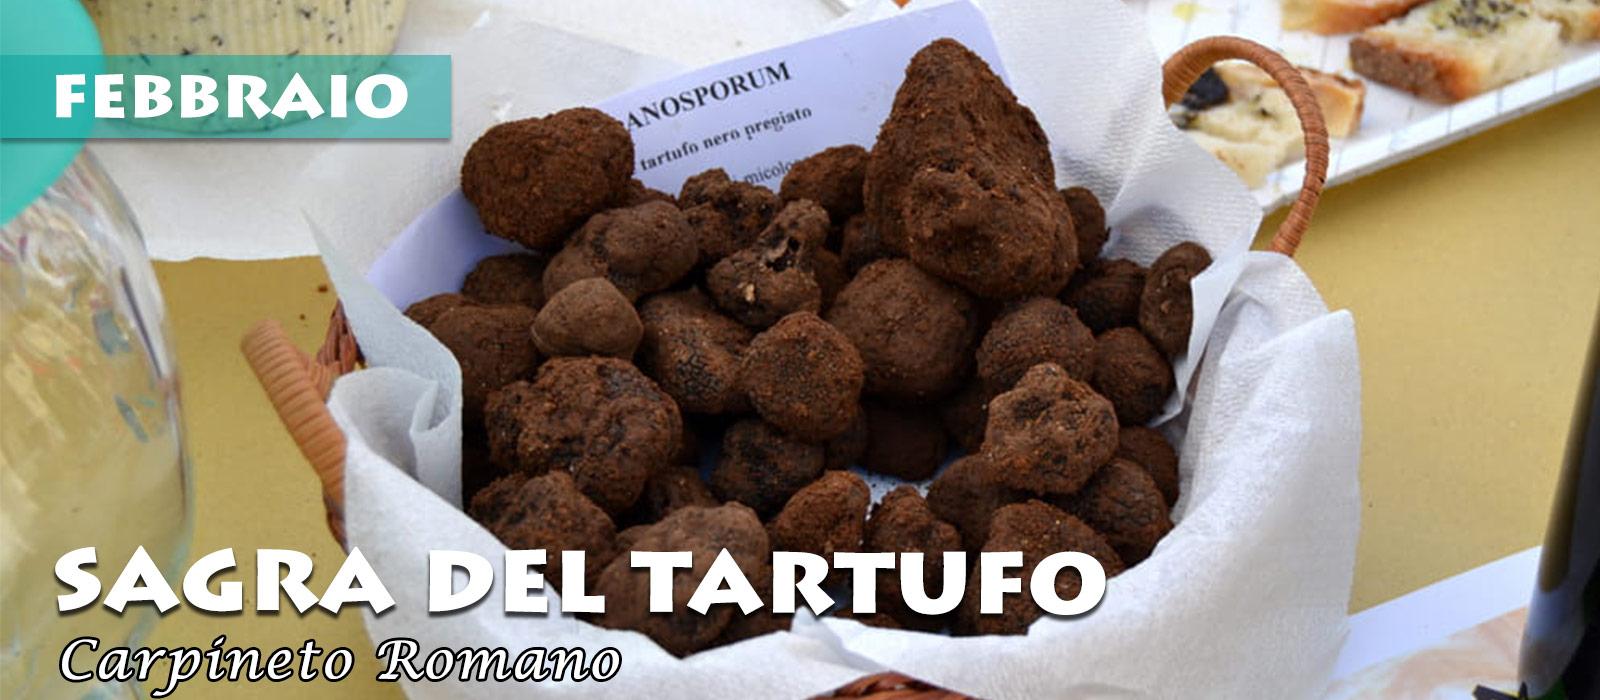 sagra-del-tartufo